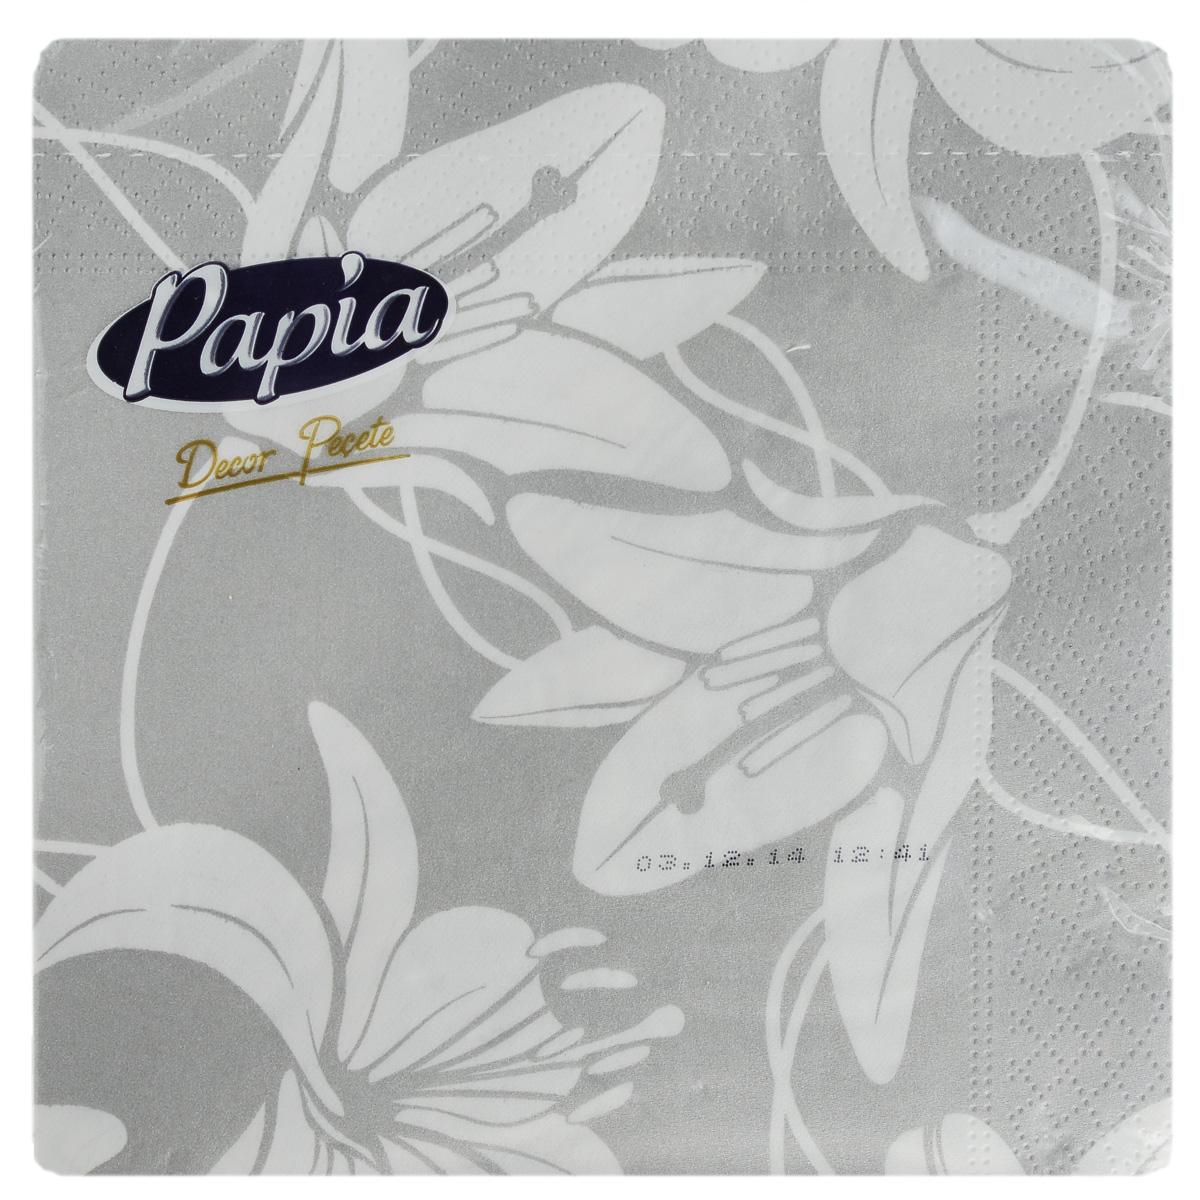 Салфетки бумажные Papia Decor, трехслойные, цвет: белый, серый, 33 x 33 см, 20 штIRK-503Трехслойные салфетки Papia Decor, выполненные из 100% целлюлозы, оформлены красочным рисунком. Салфетки предназначены для красивой сервировки стола. Оригинальный дизайн салфеток добавит изысканности вашему столу и поднимет настроение. Размер салфеток: 33 см х 33 см.